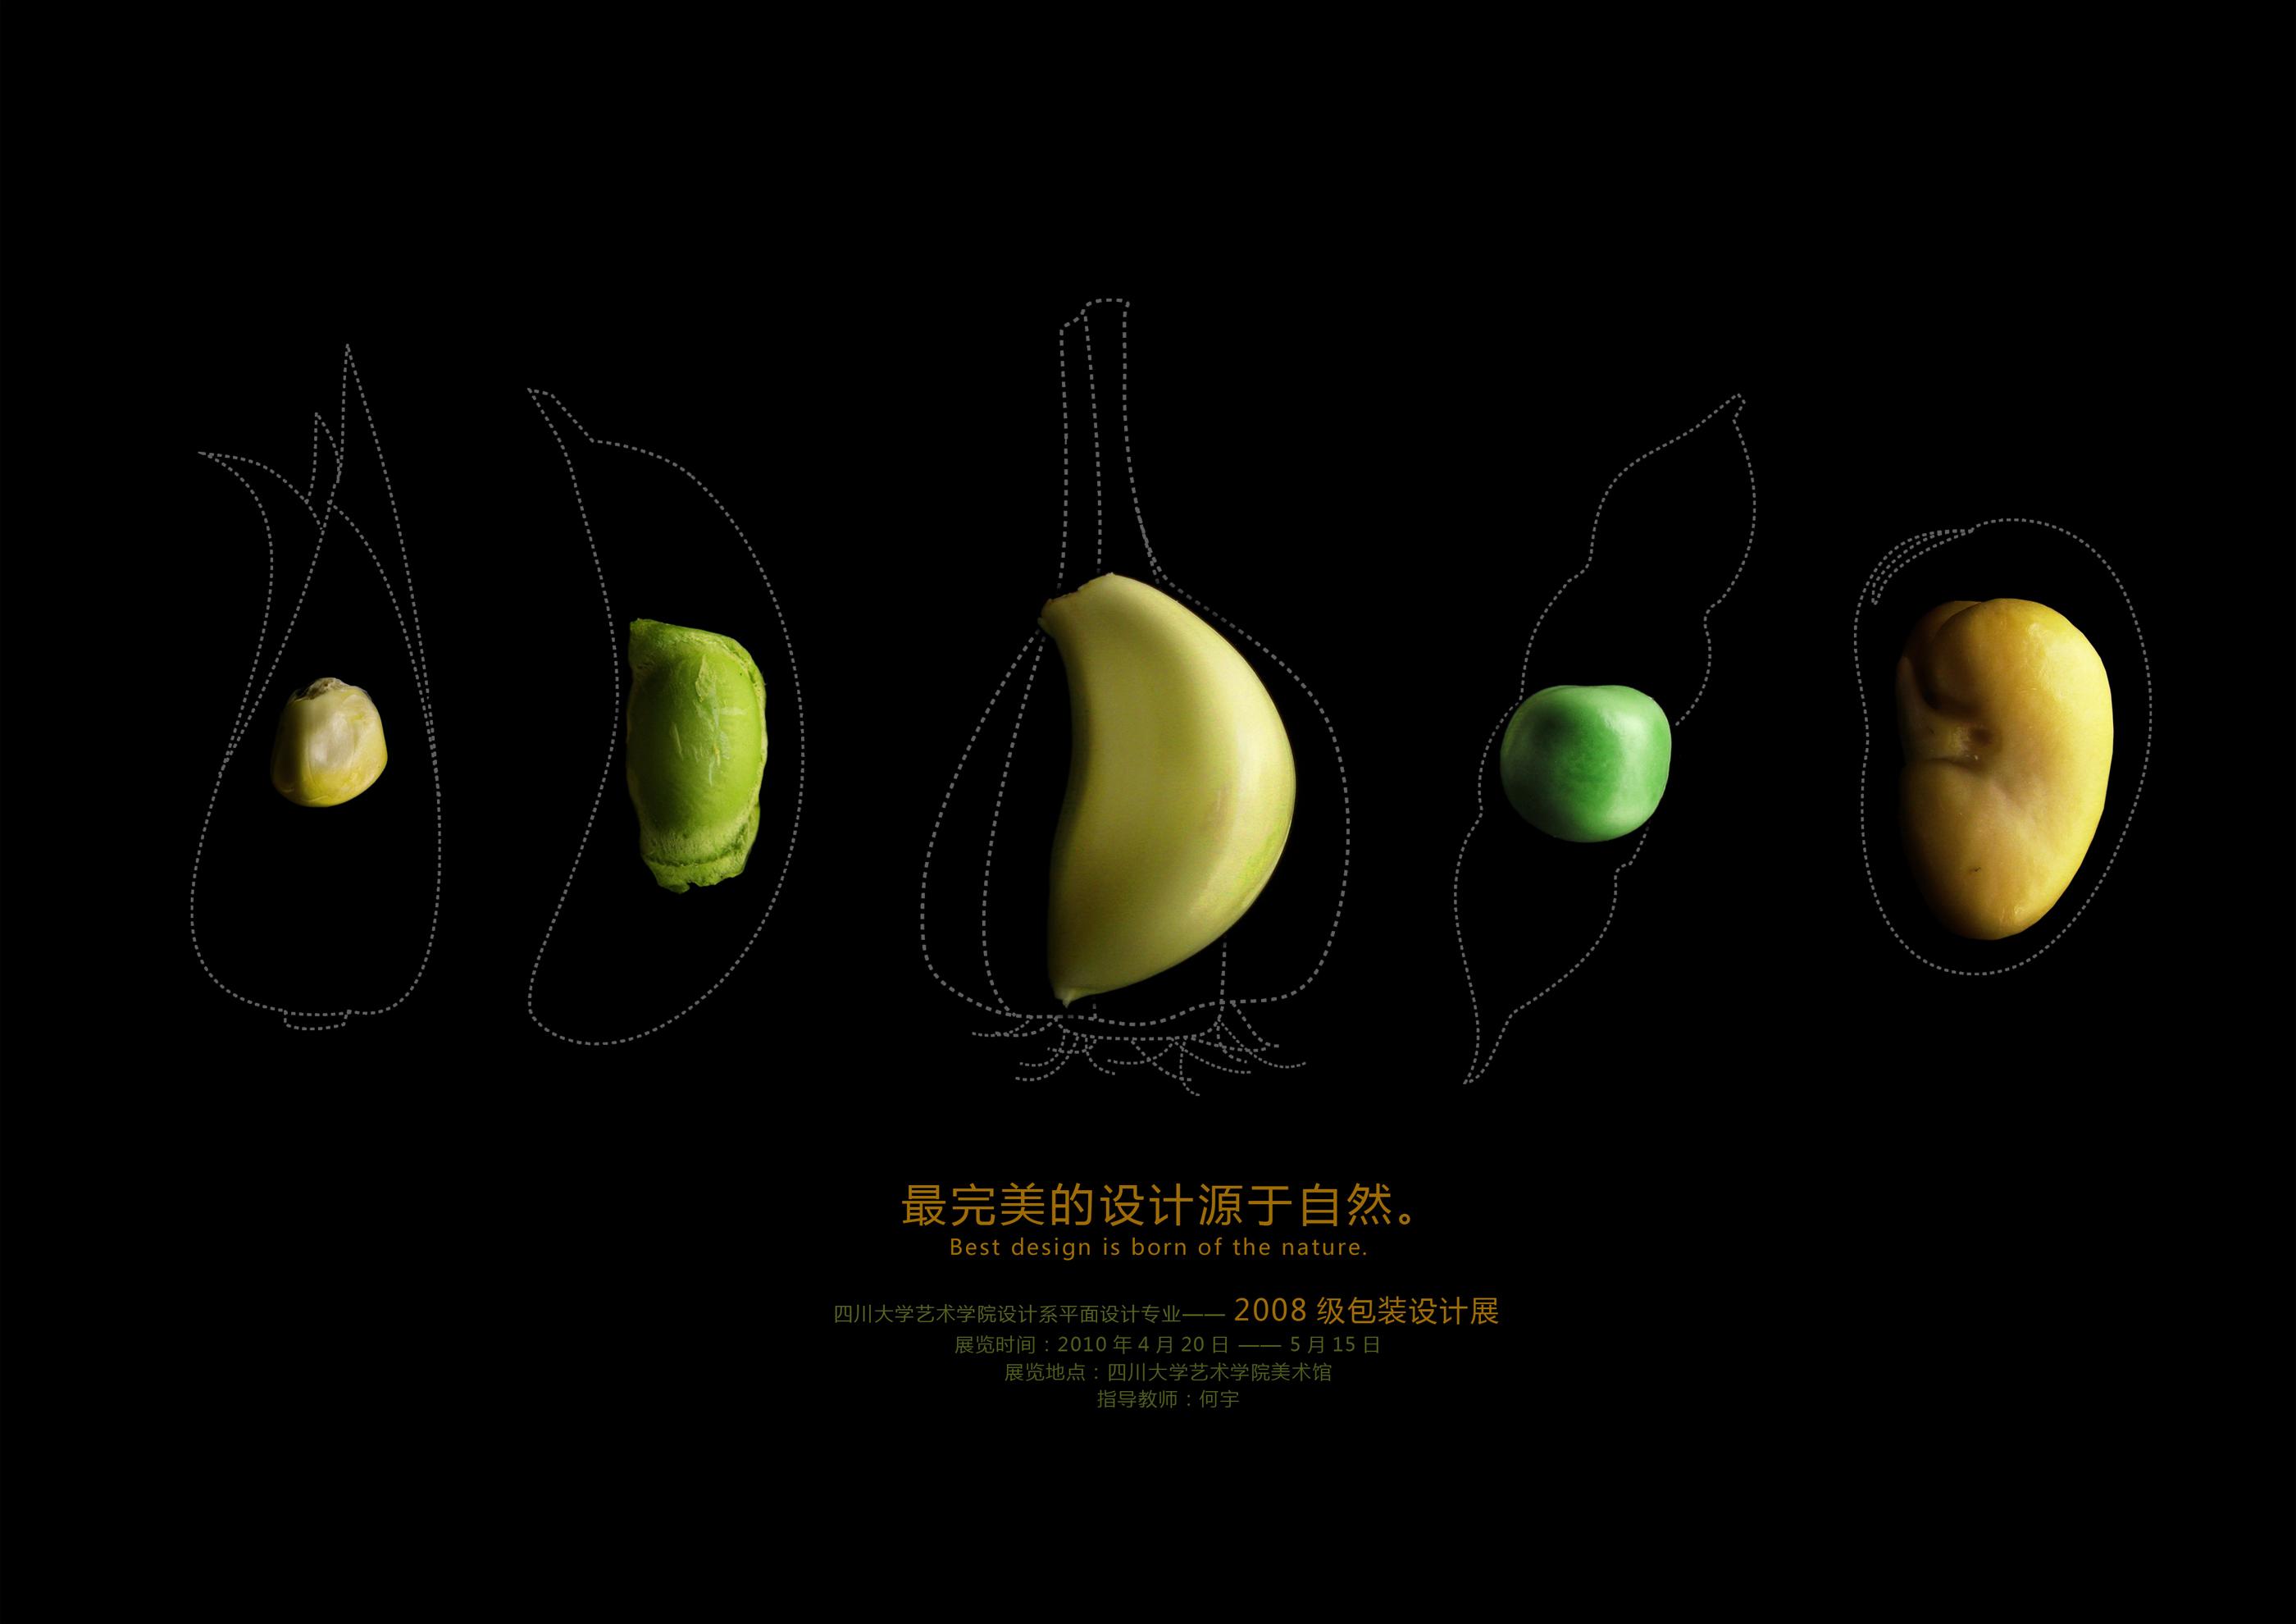 包装设计展海报